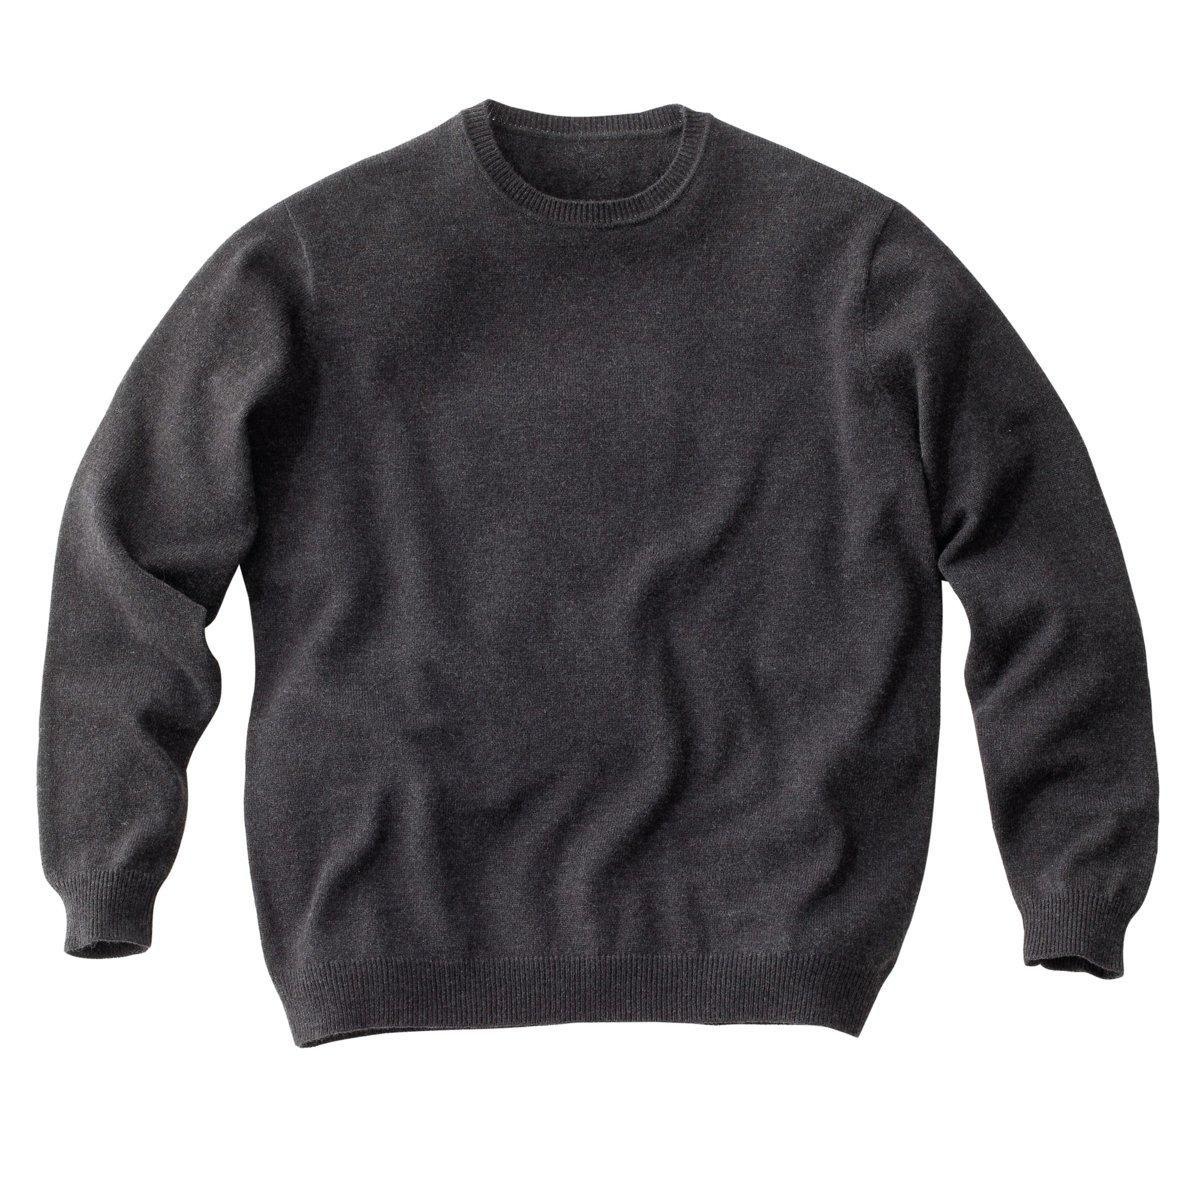 Пуловер, 50% шерсти как одежду из америки больших размеров минск